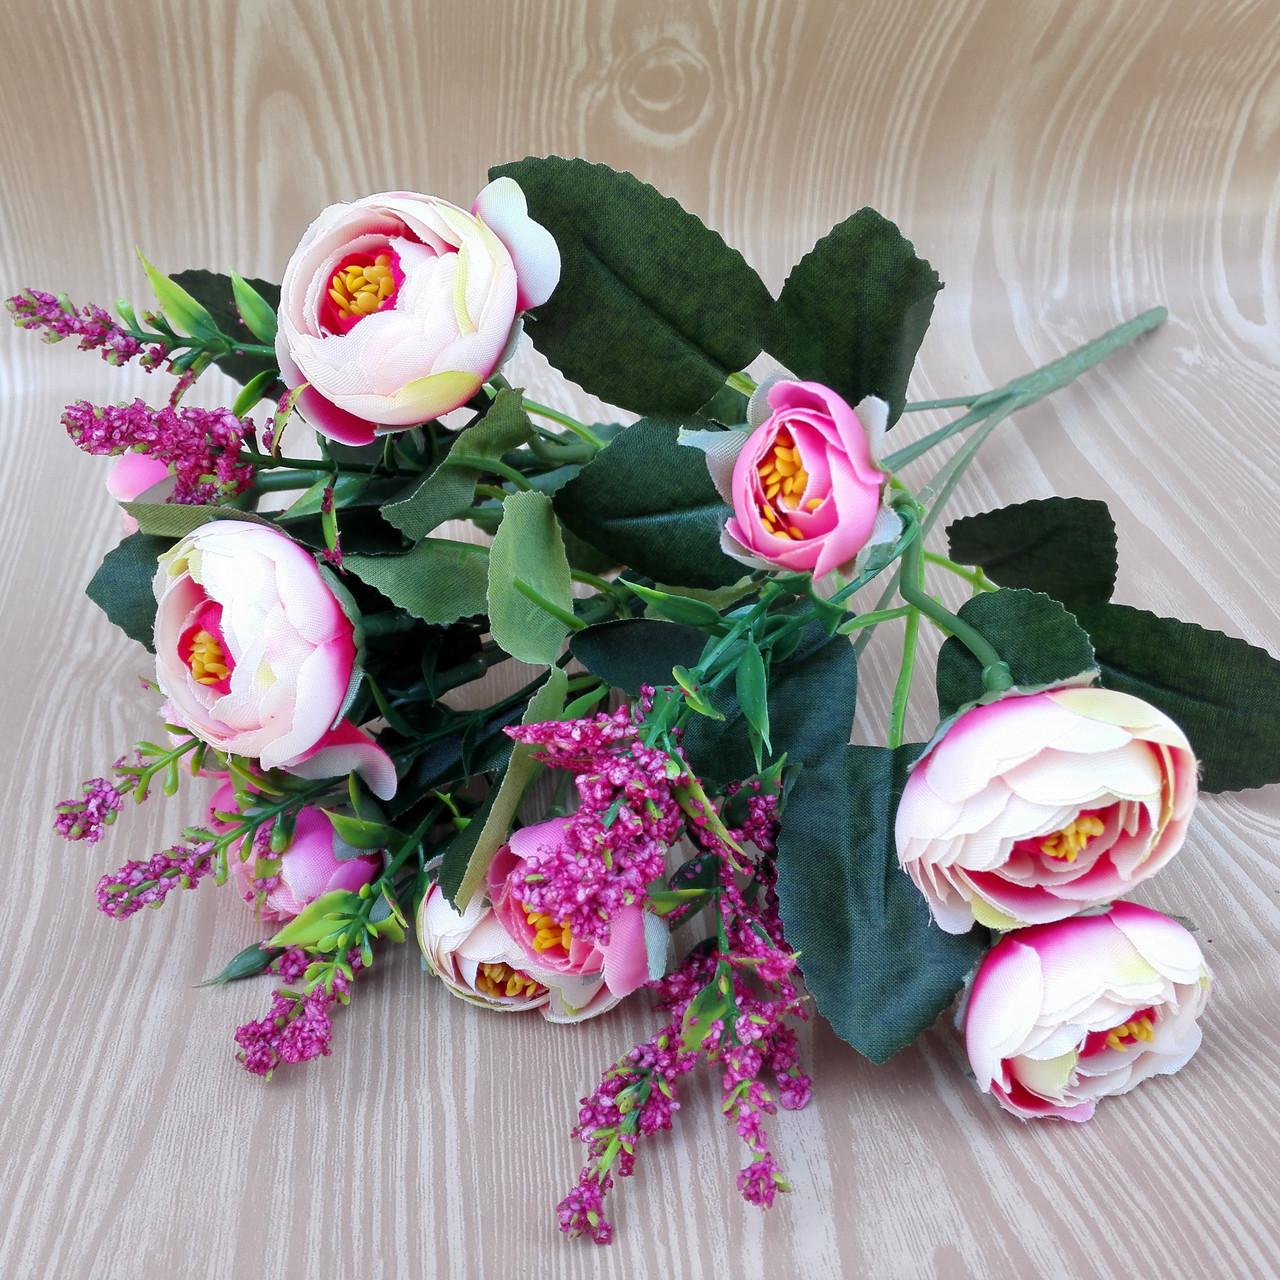 Букет камелии ранункулюса шебби шик с лавандой  белый с  розовым 30 см.